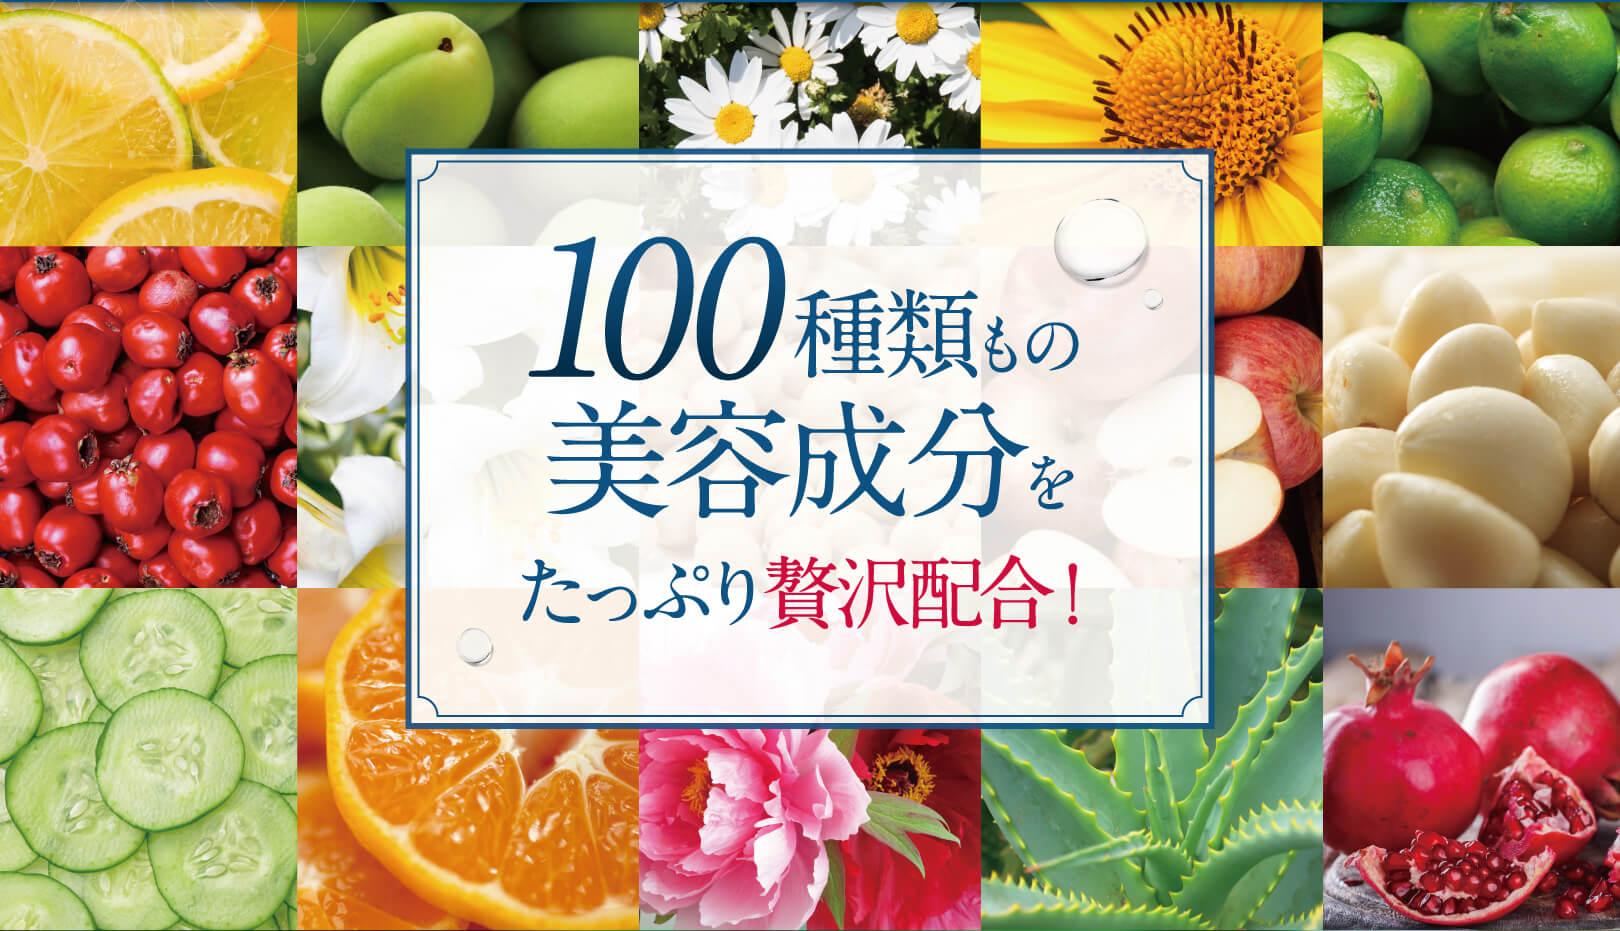 100種類もの美容成分をたっぷり贅沢配合!